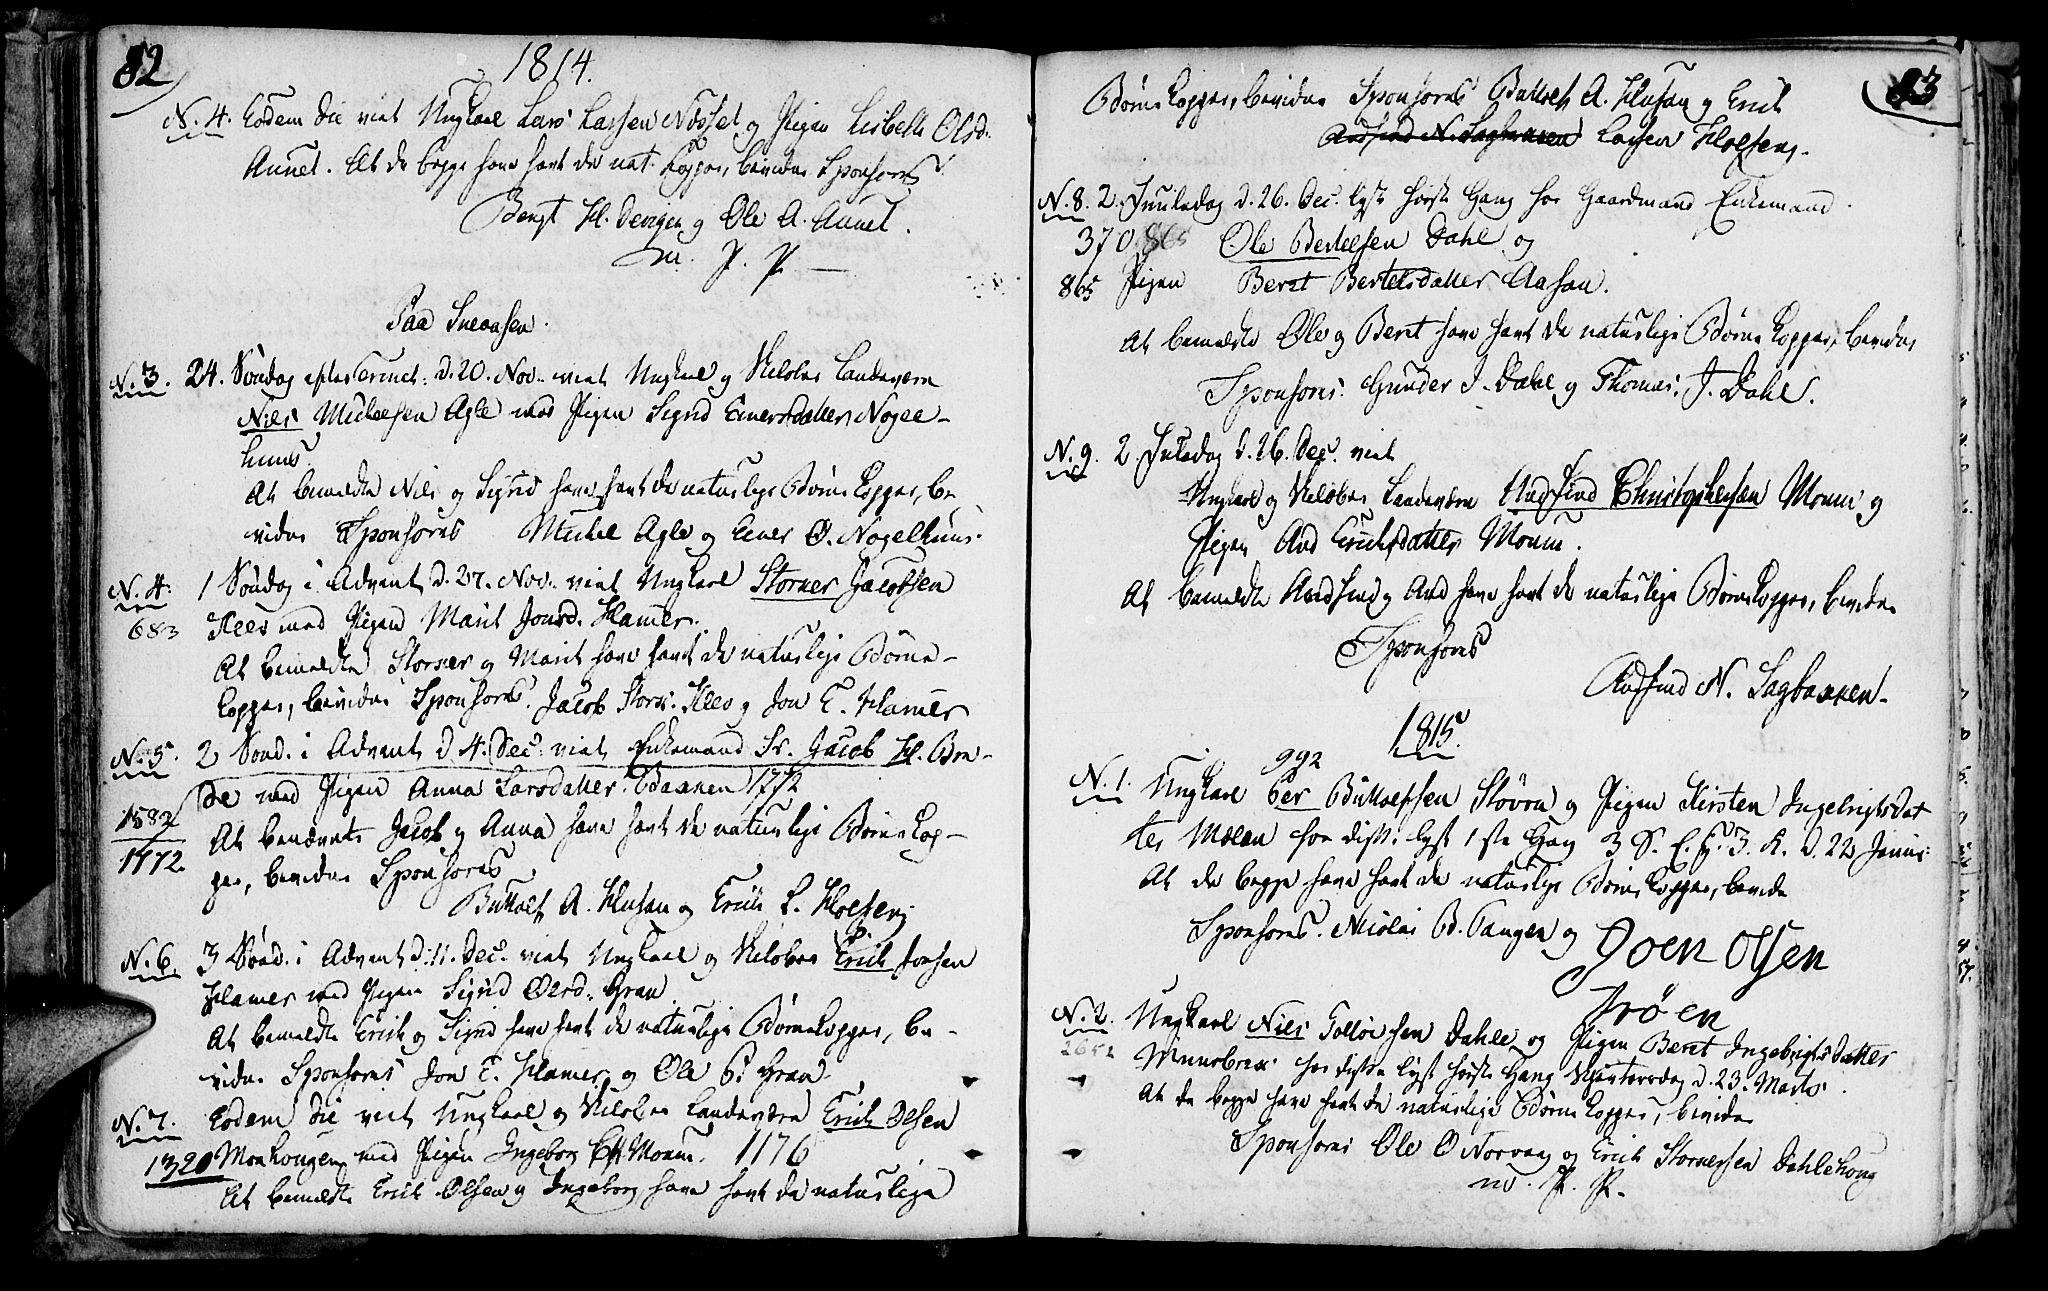 SAT, Ministerialprotokoller, klokkerbøker og fødselsregistre - Nord-Trøndelag, 749/L0468: Ministerialbok nr. 749A02, 1787-1817, s. 82-83